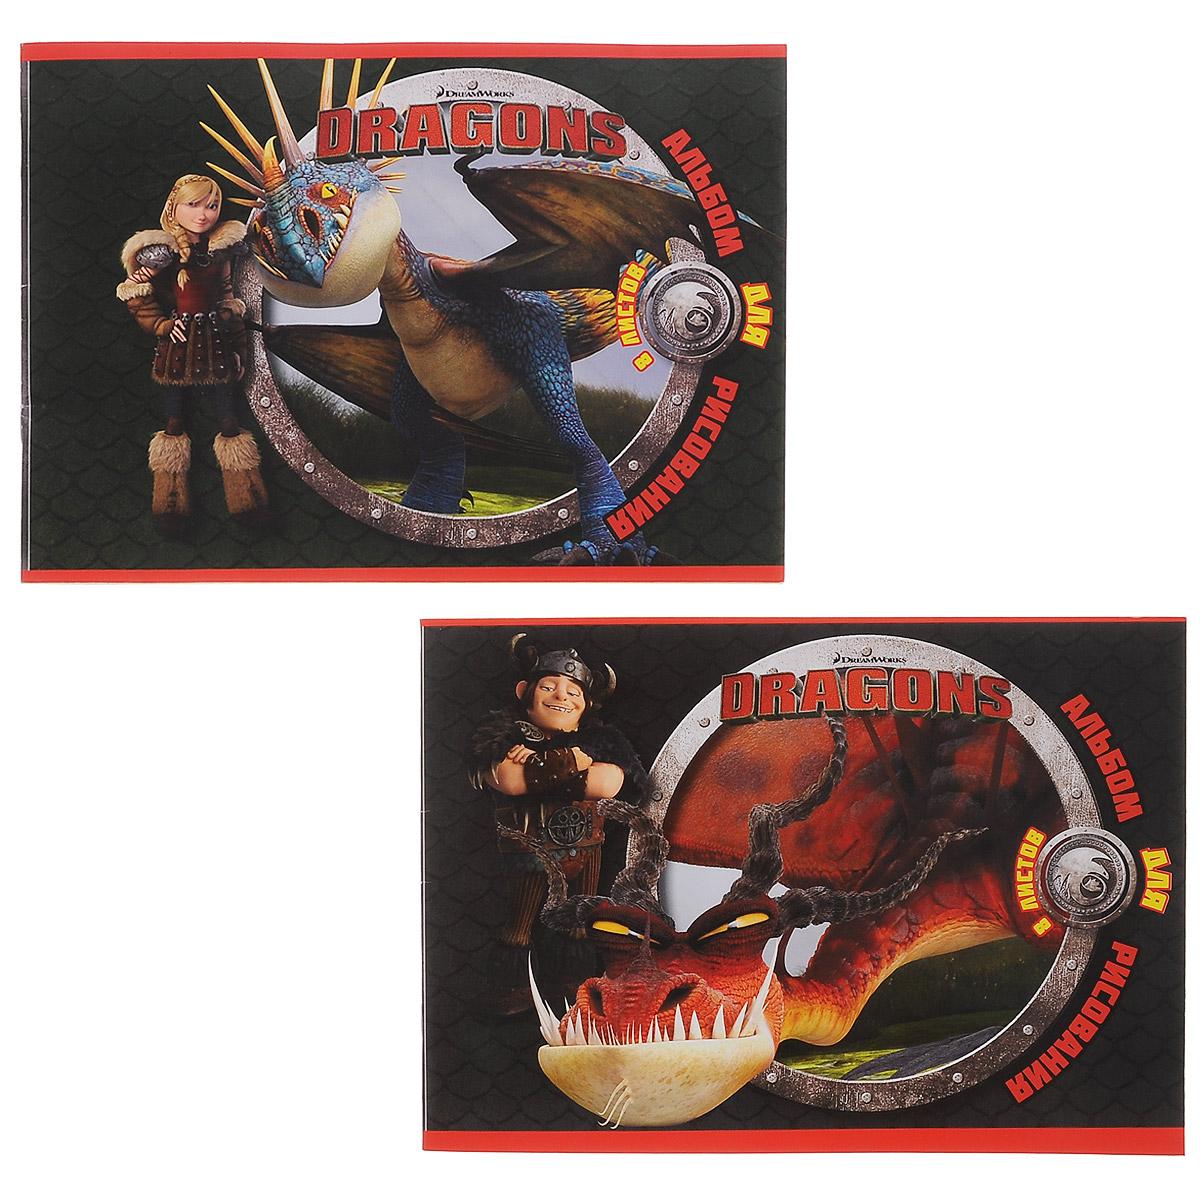 Набор альбомов для рисования Action! Dragons, 8 листов, 2 штDR-AA-8Альбом для рисования Action! Dragons порадует маленького художника и вдохновит его на творчество. Набор включает в себя 2 альбома, в каждом из которых по 8 листов белой бумаги. Высокое качество бумаги позволяет рисовать в альбоме карандашами, фломастерами, акварельными и гуашевыми красками. Обложка альбома выполнена из мелованного картона и оформлена изображением героев мультфильма Как приучить дракона. Создание собственных картинок приносит детям настоящее удовольствие. Увлечение изобразительным творчеством носит не только развлекательный характер, а также развивает цветовое восприятие, зрительную память и воображение. Рекомендуемый возраст: от 6 лет.